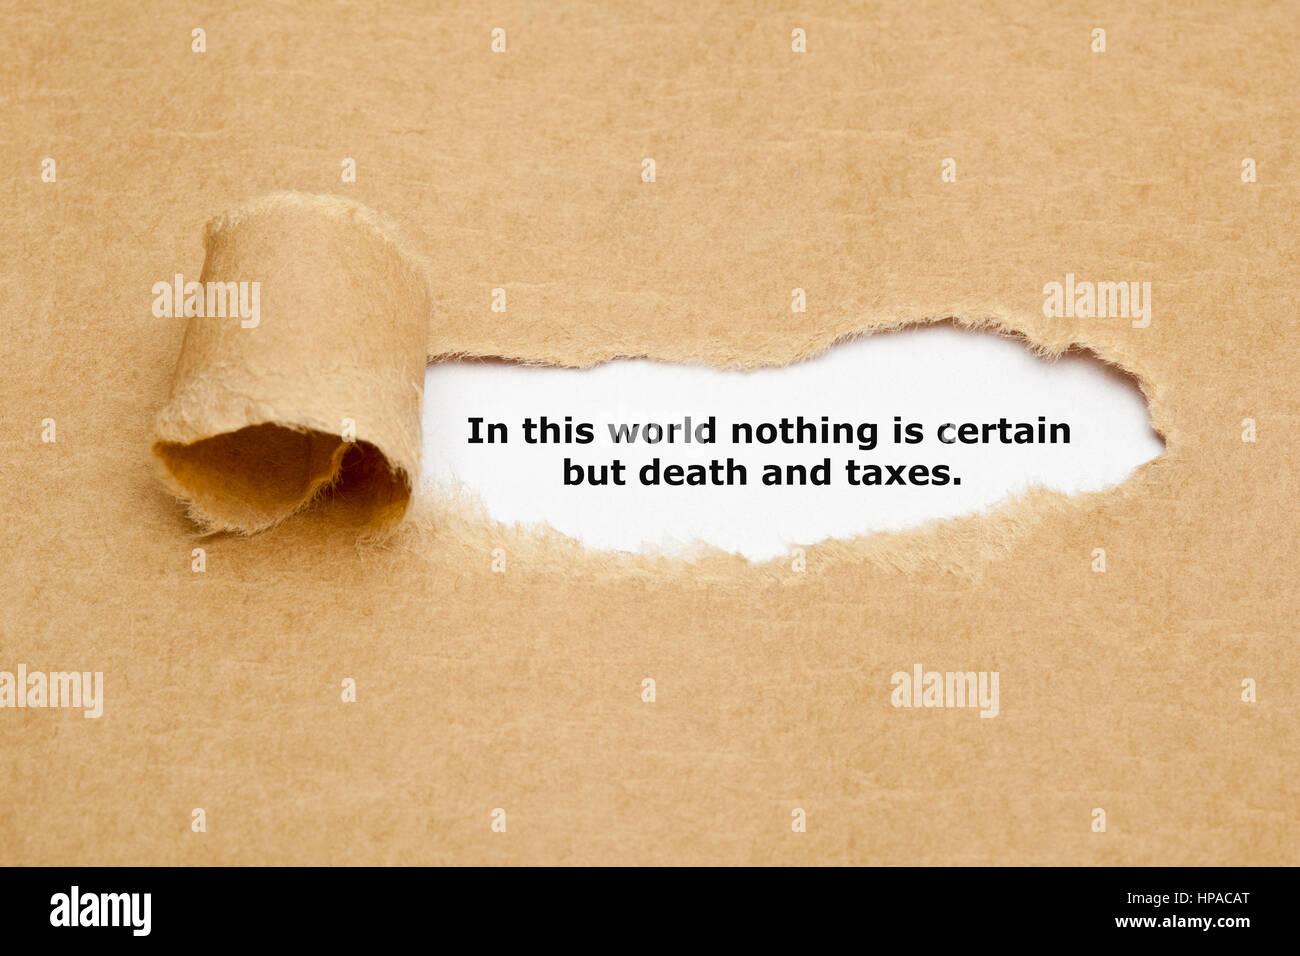 Citer dans ce monde rien n'est certain, mais la mort et les impôts, apparaître derrière déchiré Photo Stock